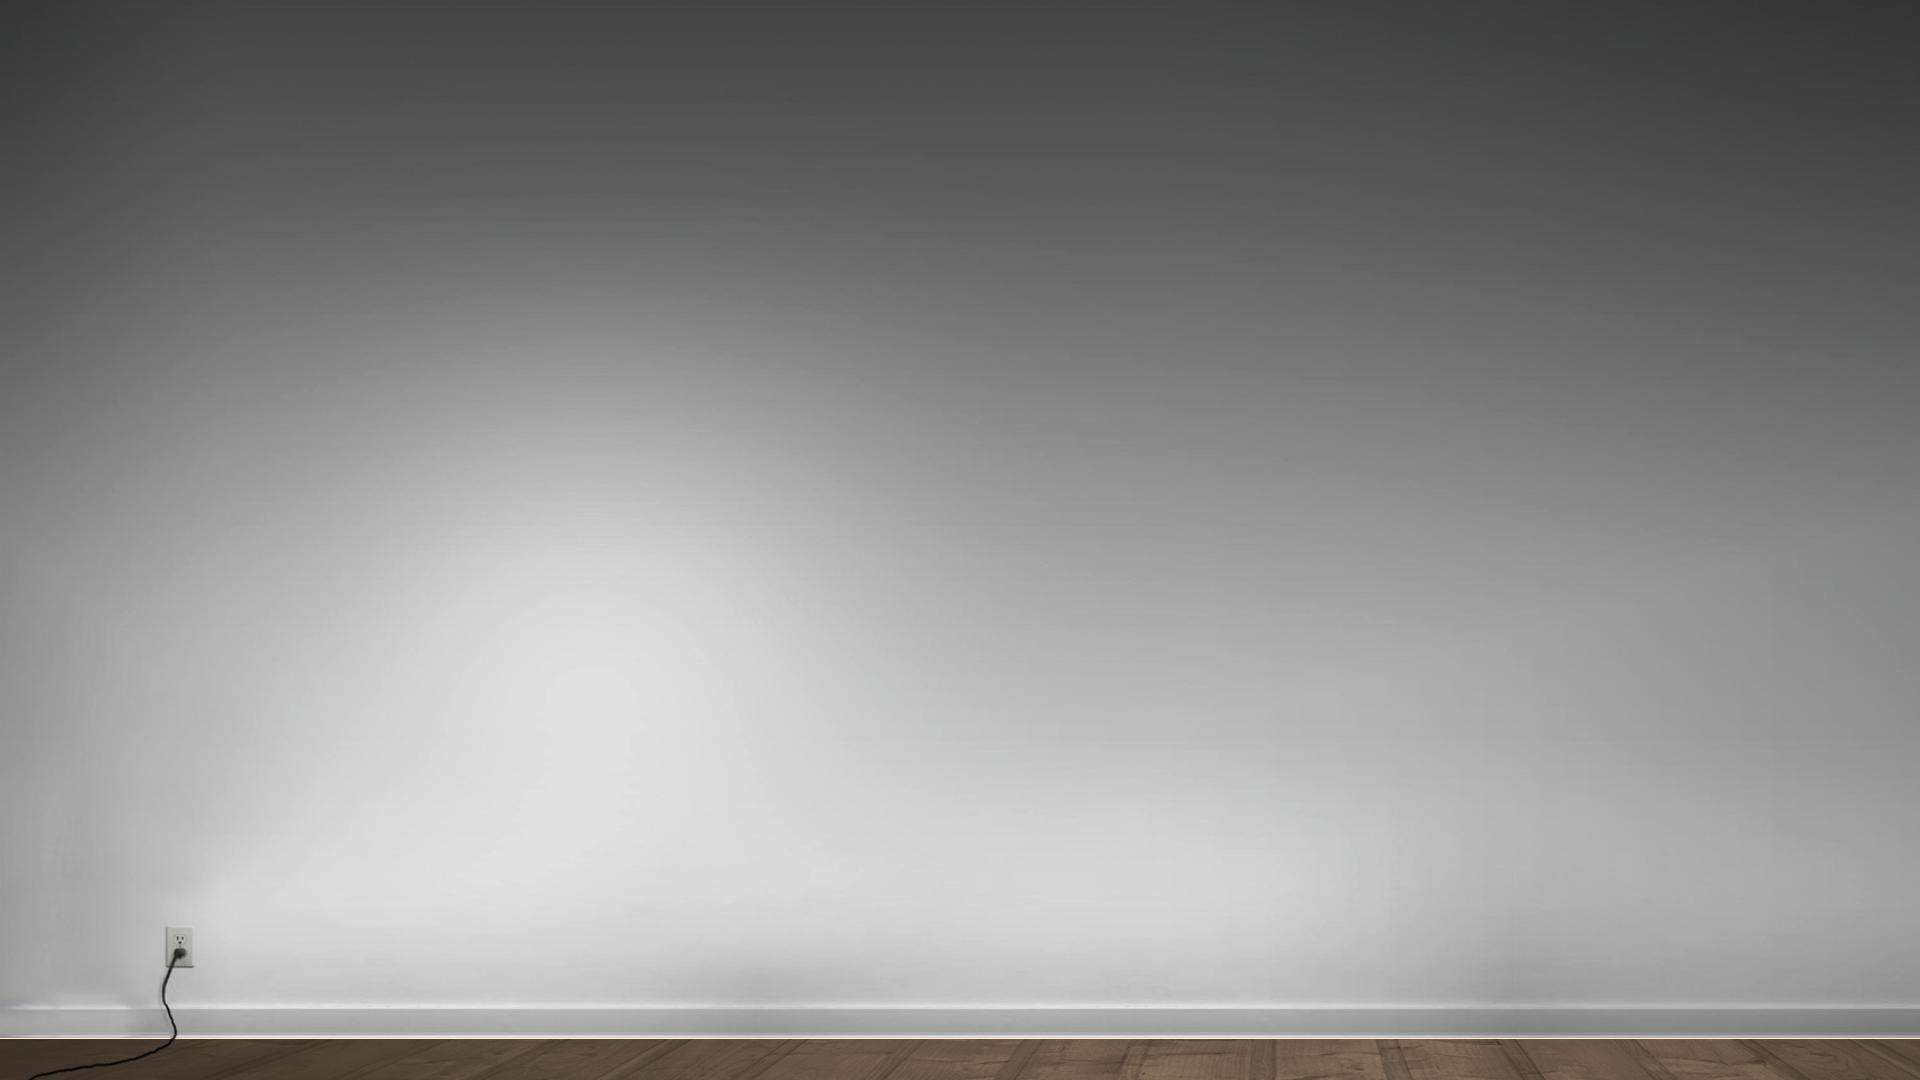 Hd wallpaper minimalist - Minimal Wallpaper Hd Wallpaper 982465